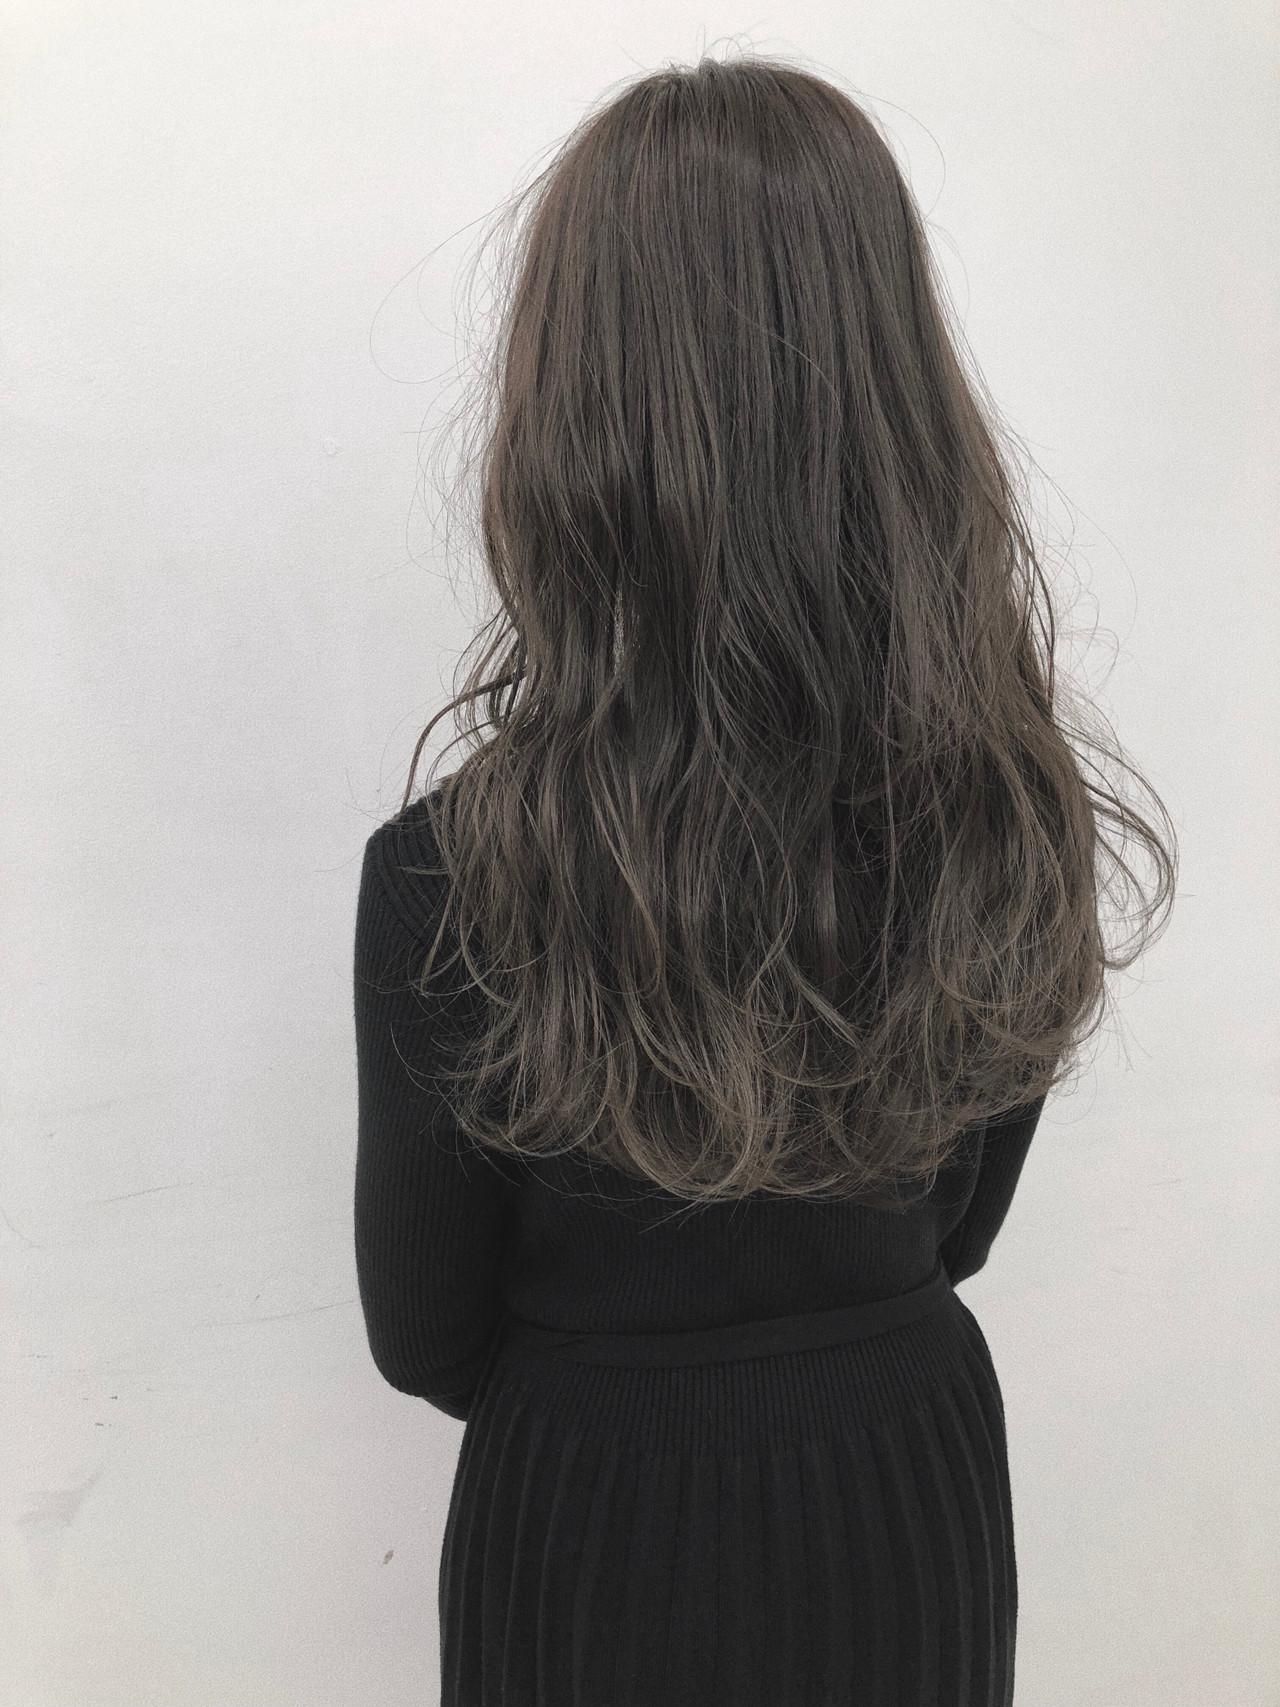 ブルーアッシュ デート ブルージュ ナチュラル ヘアスタイルや髪型の写真・画像